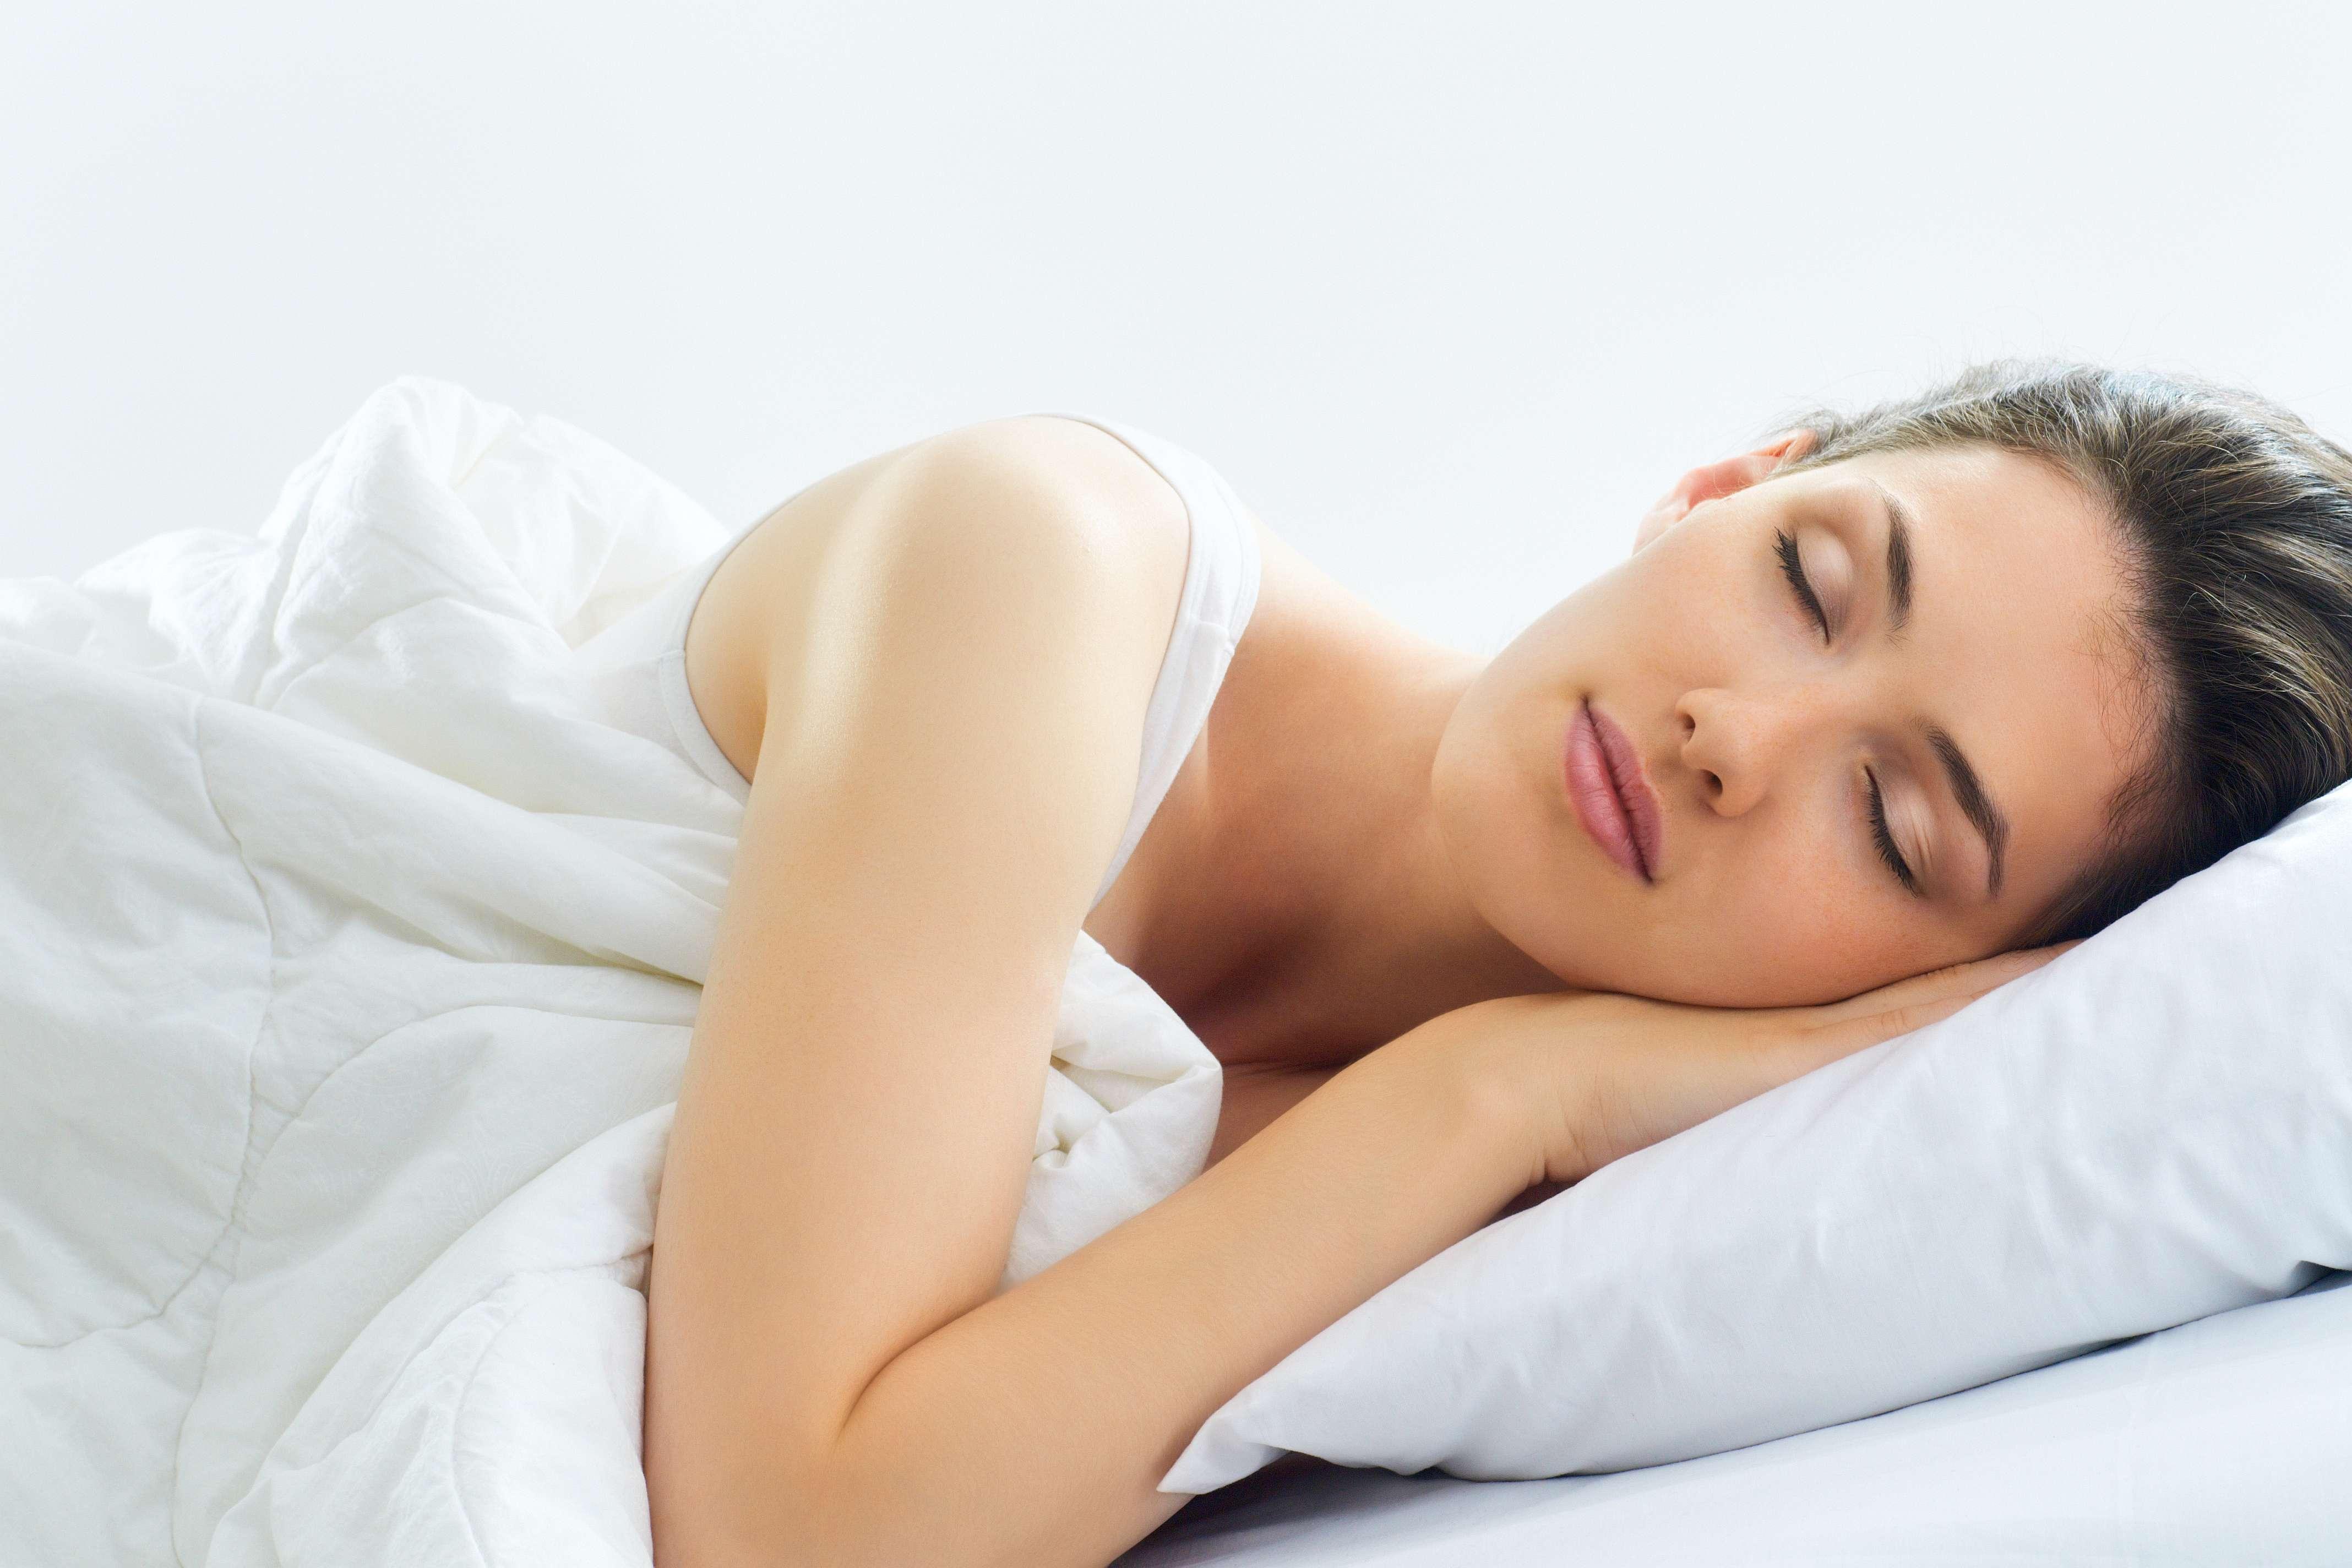 Bien dormir : un critère primordial pour une bonne santé